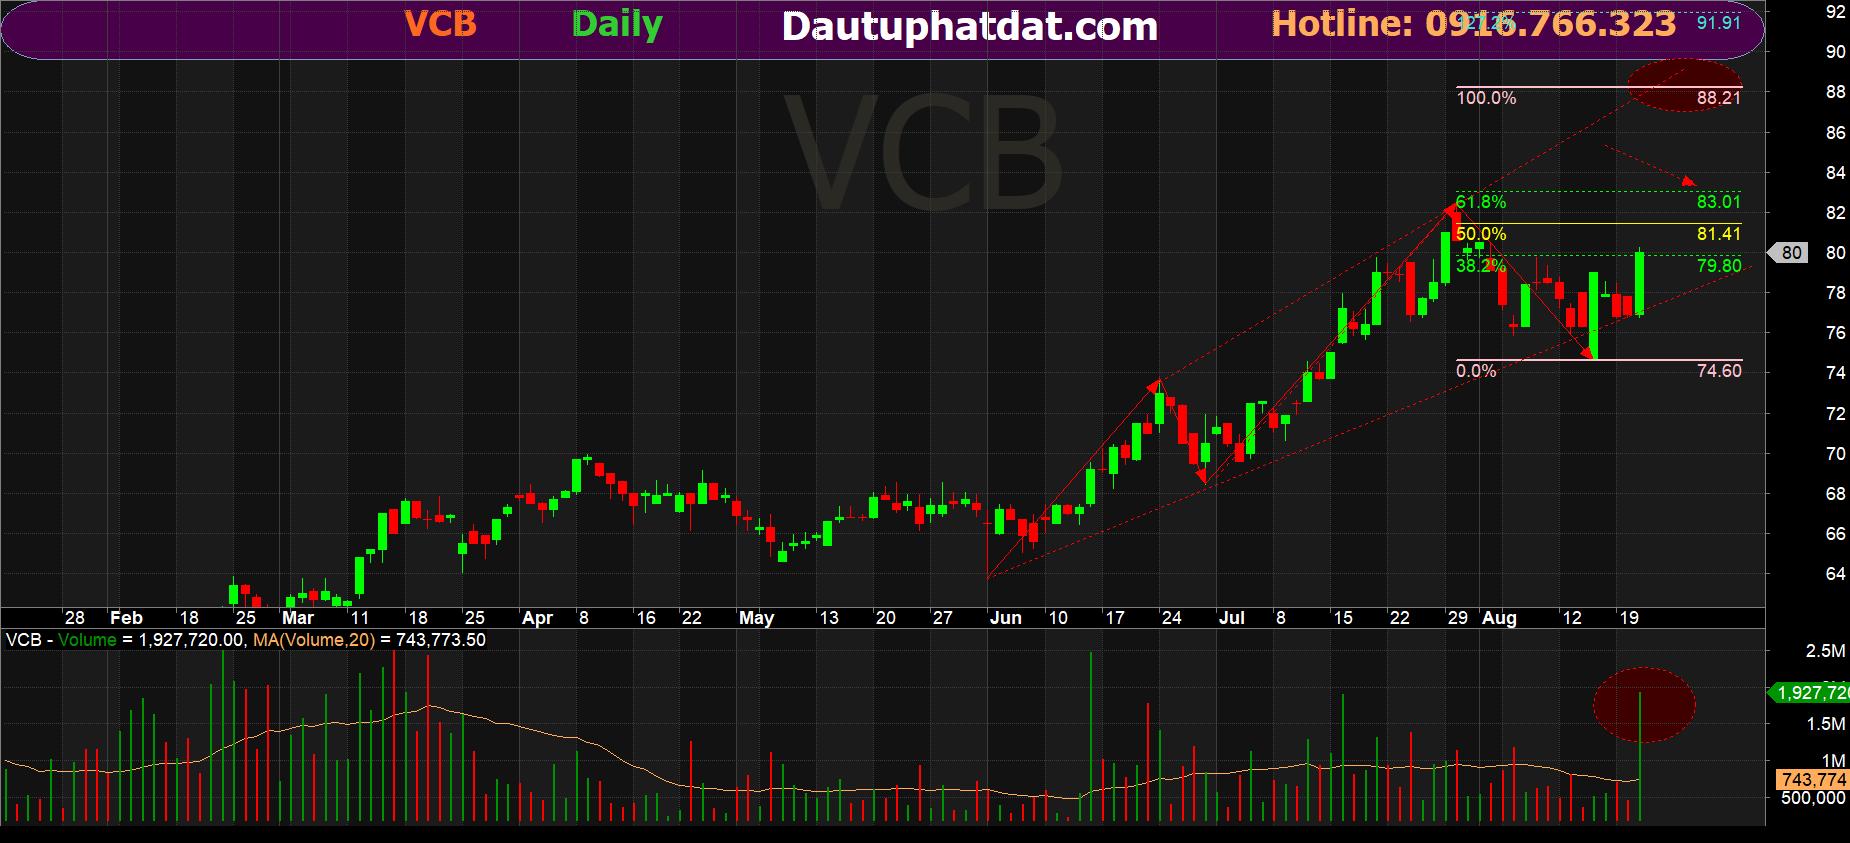 Giá mục tiêu cho VCB